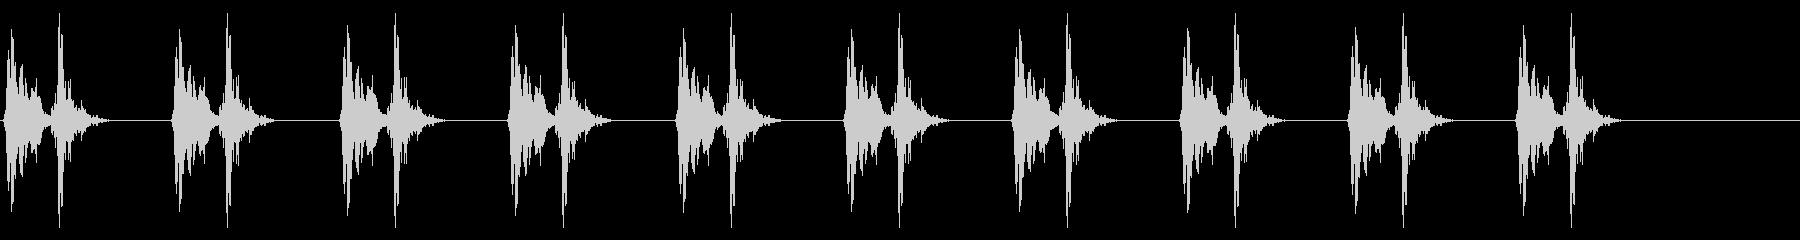 心音、心臓の鼓動_2-3の未再生の波形